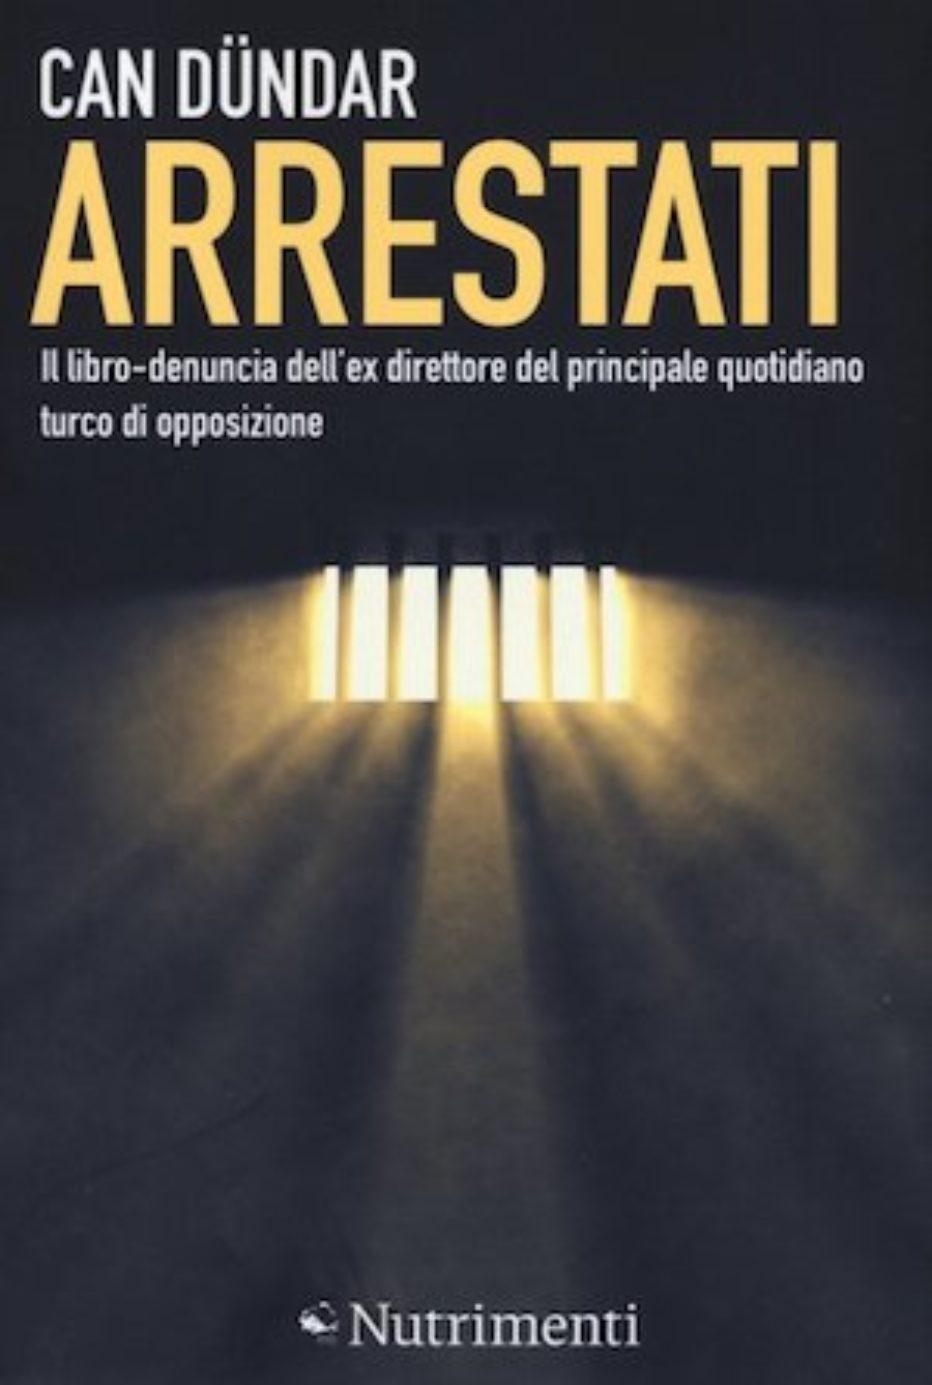 A Una Montagna di Libri  CAN DüNDAr presenta ARRESTATI  (NUTRIMENTI)  Miramonti Majestic Grand Hotel  Ore 18